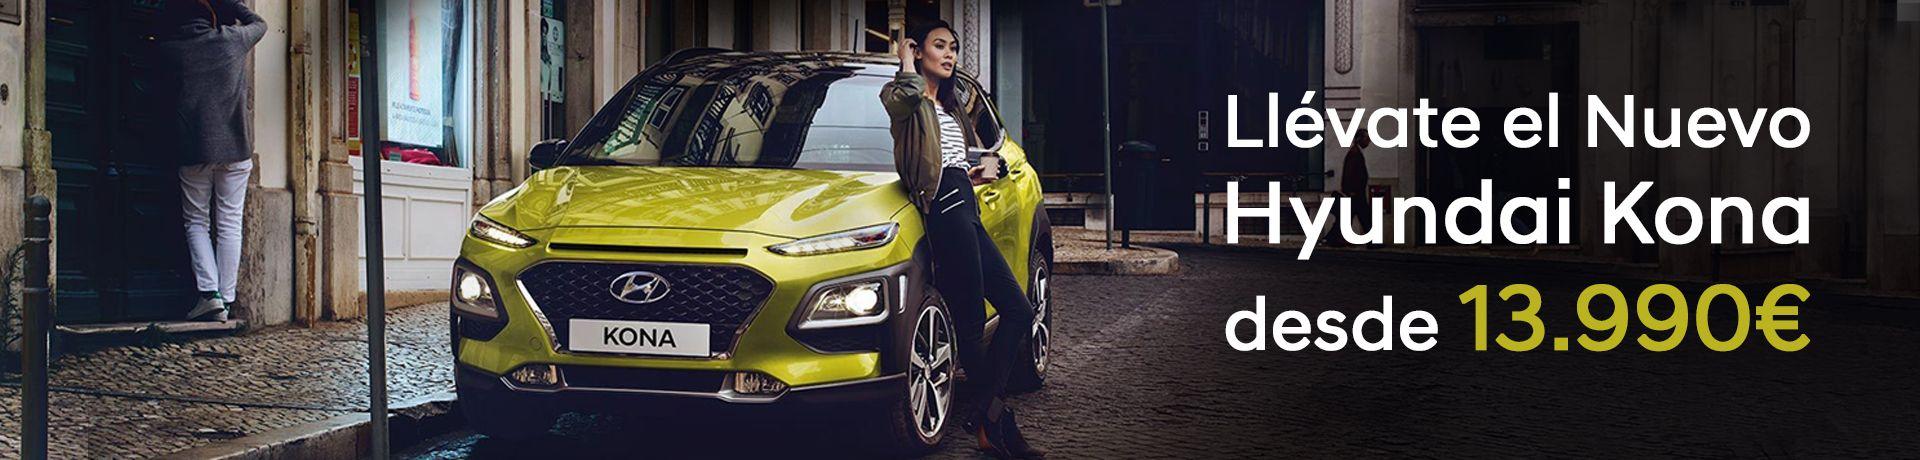 Llévate el Nuevo Hyundai Kona desde 13.990€